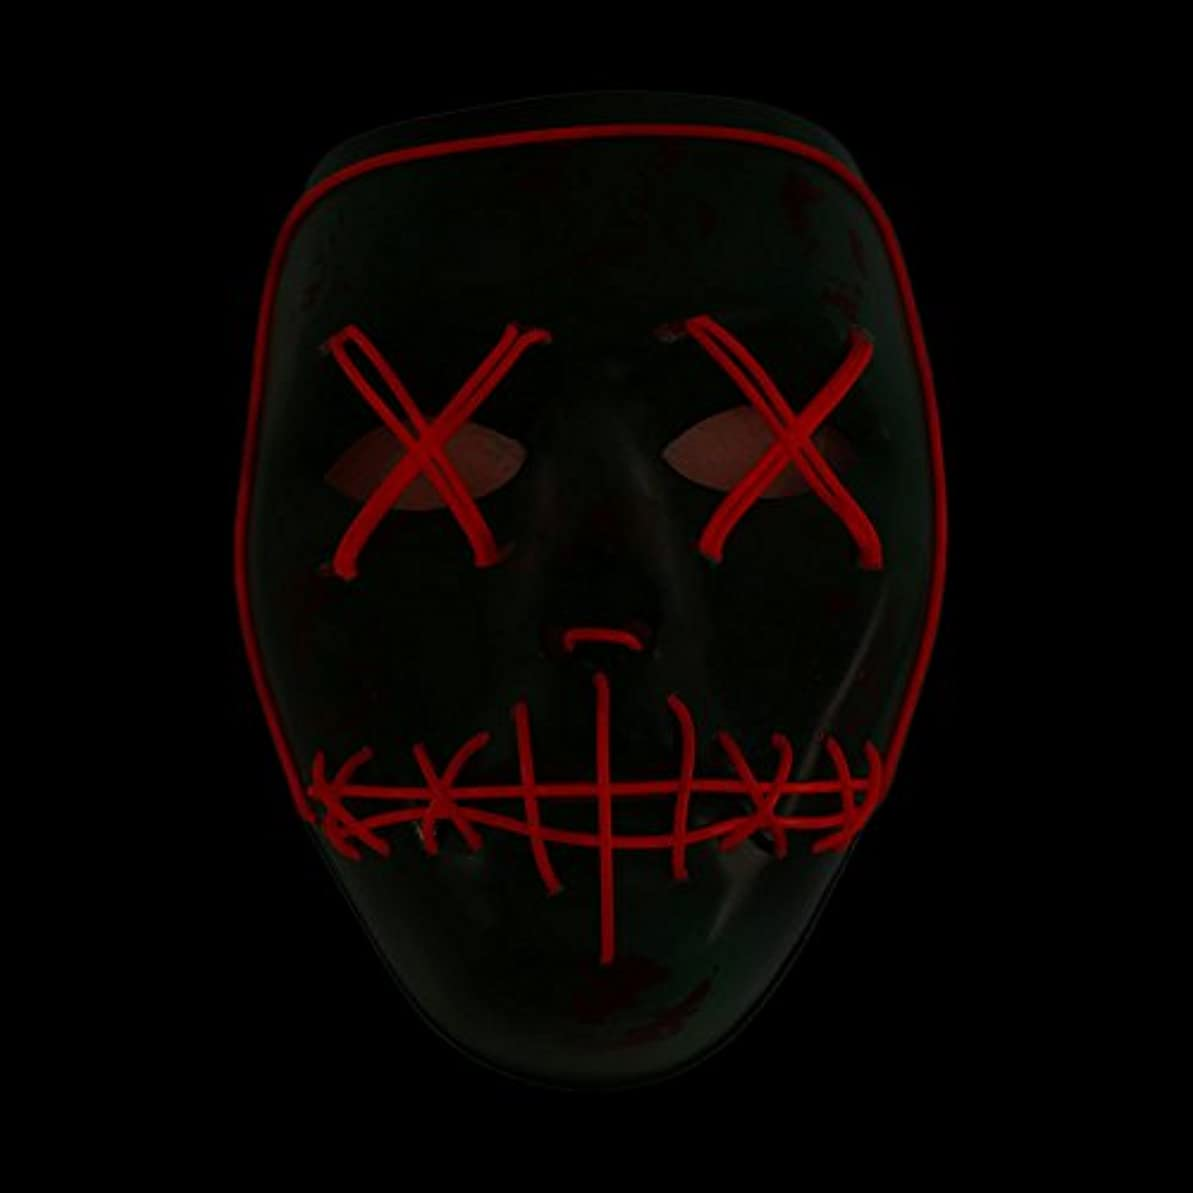 暴君ロンドン羽Auntwhale ハロウィーンマスク大人恐怖コスチューム、光るゴーストフェイスファンシーマスカレードパーティーハロウィンマスク、フェスティバル通気性ギフトヘッドマスク